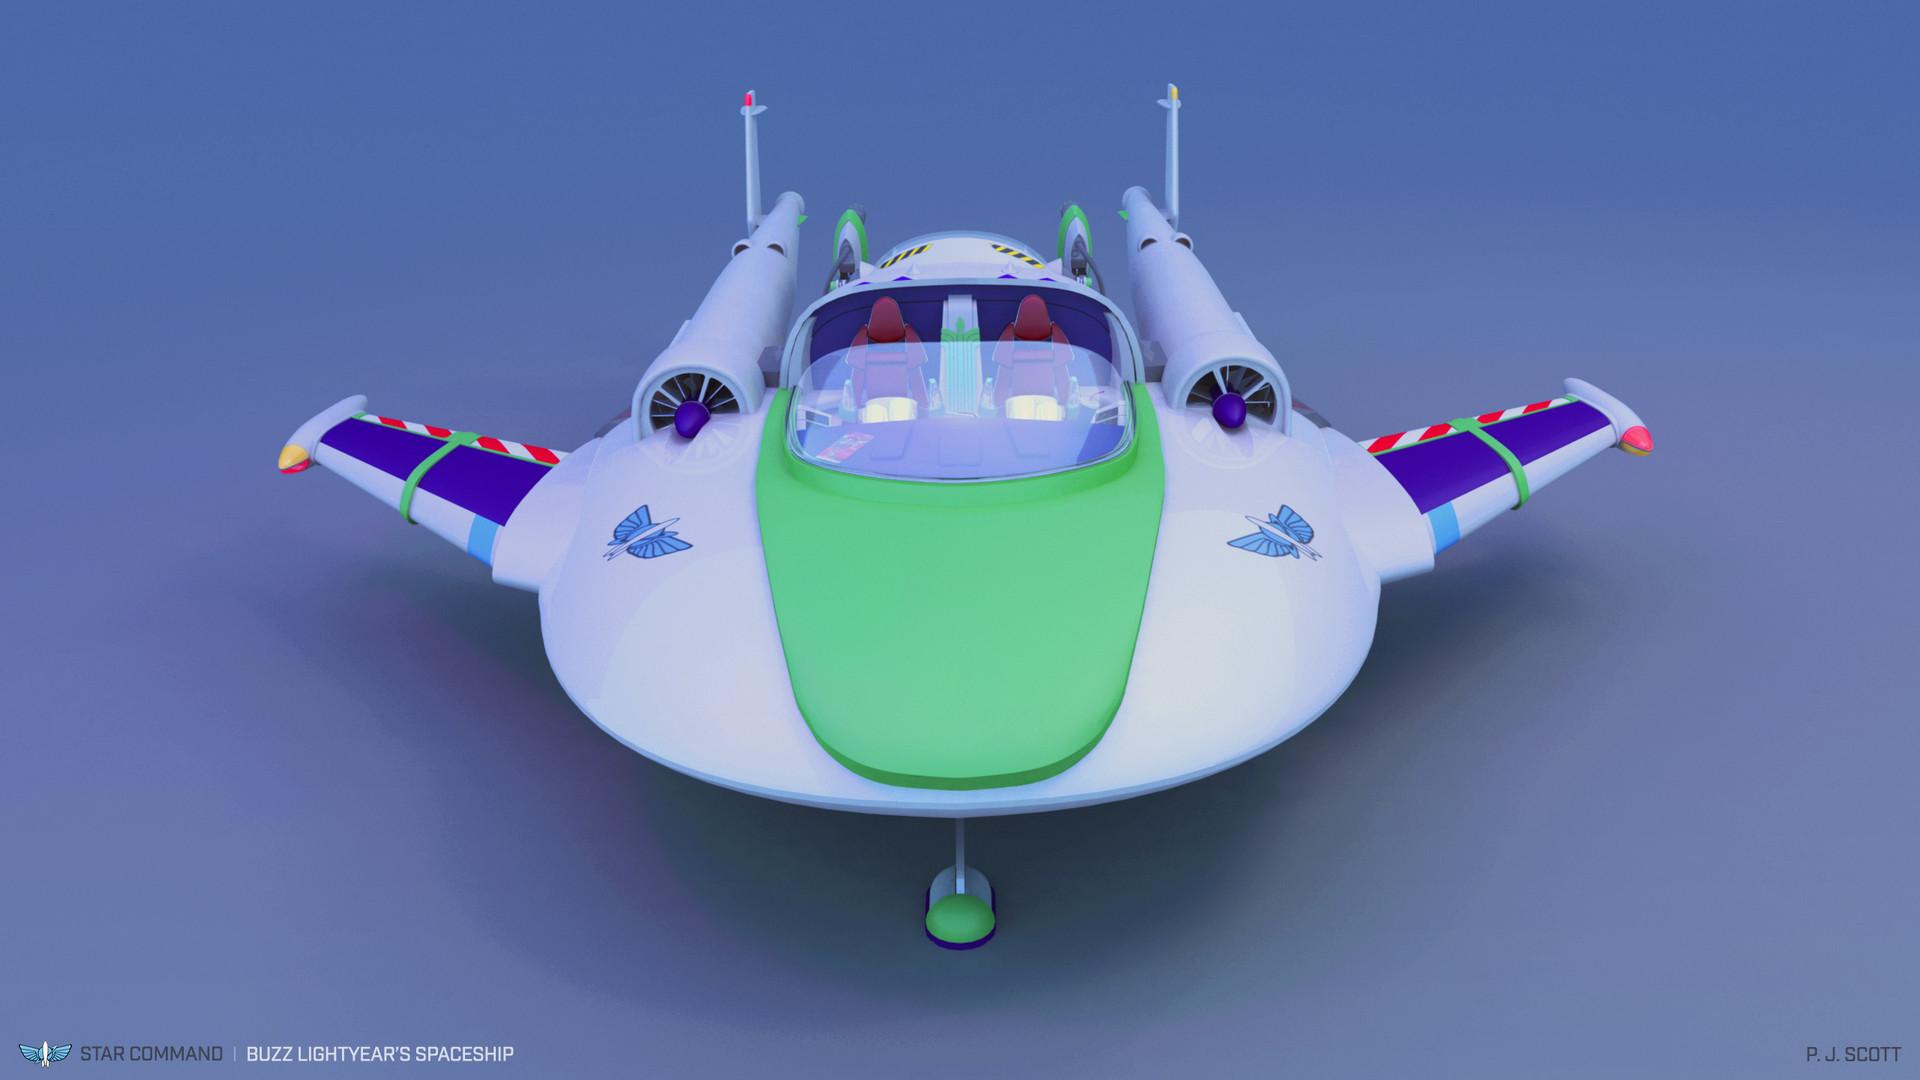 pete-scott-buzz-lightyear-spaceship-08.j